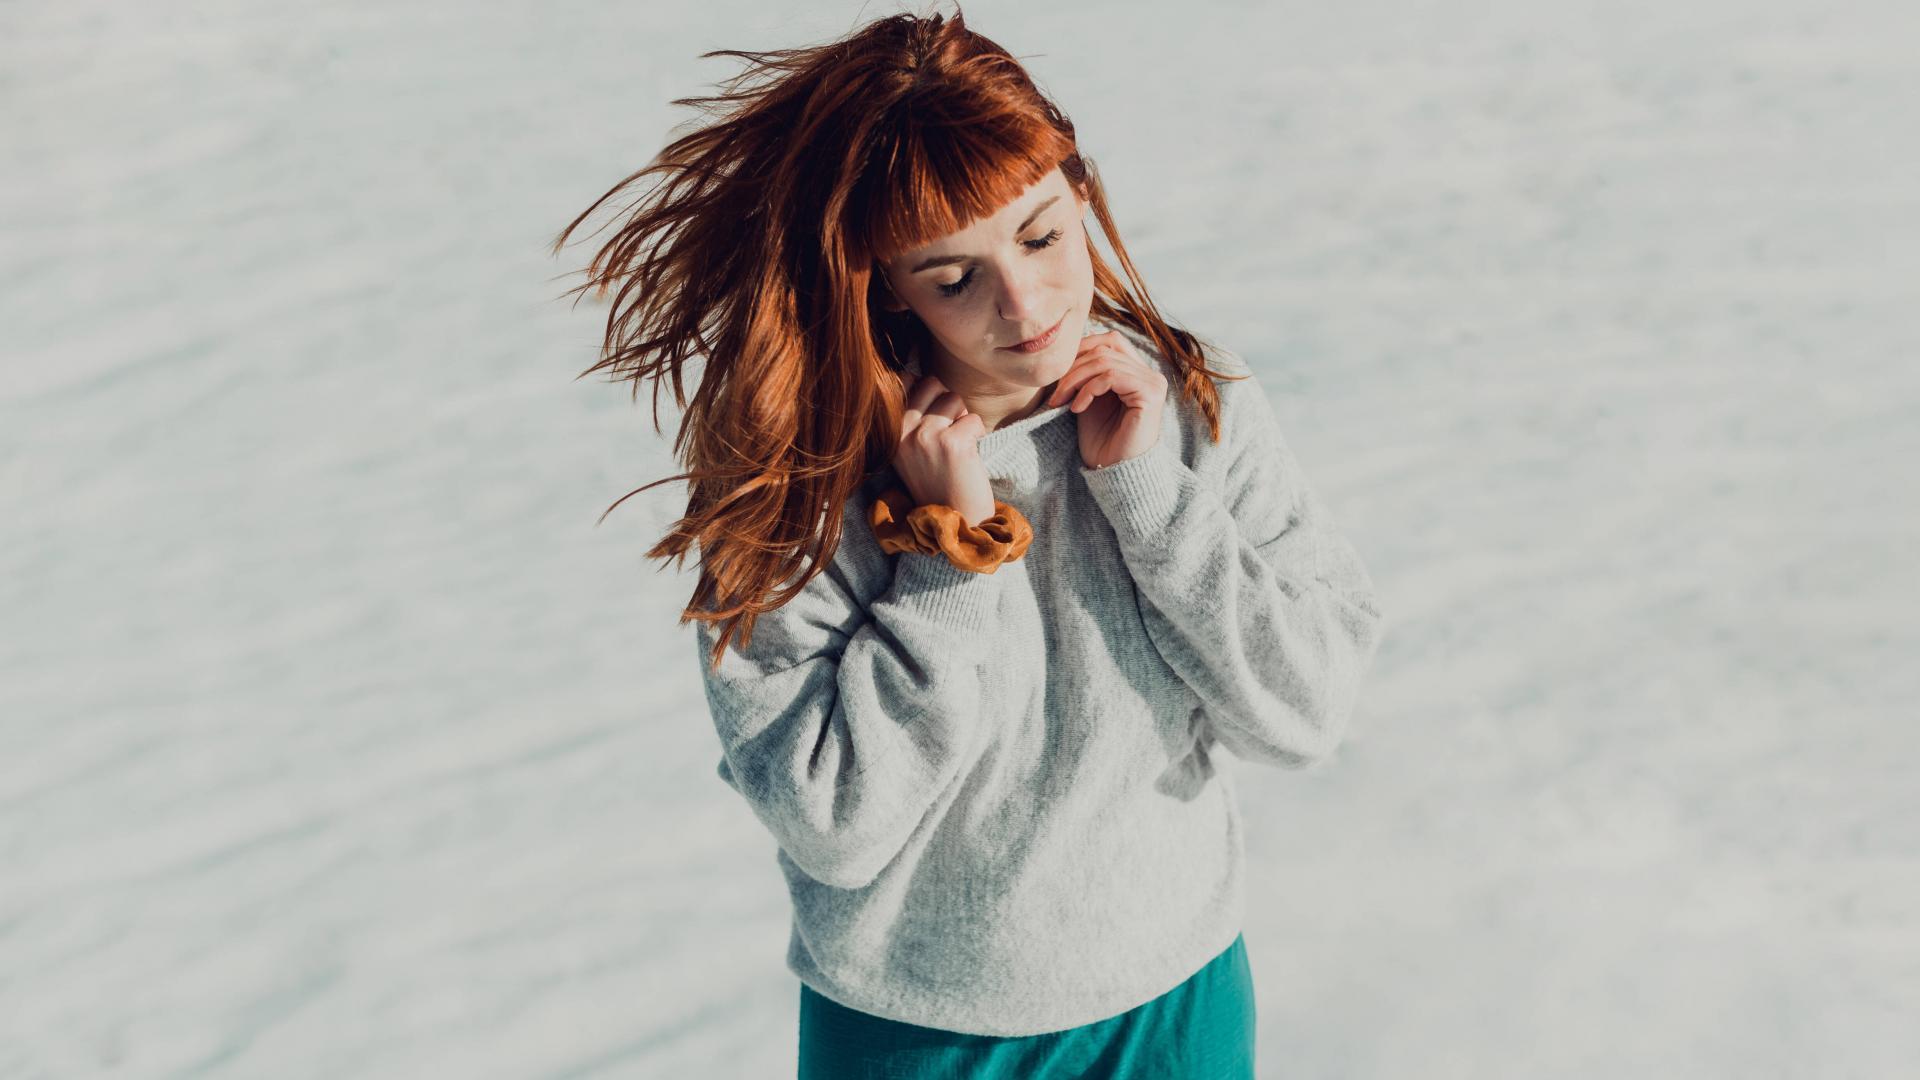 Frau Winter Haare